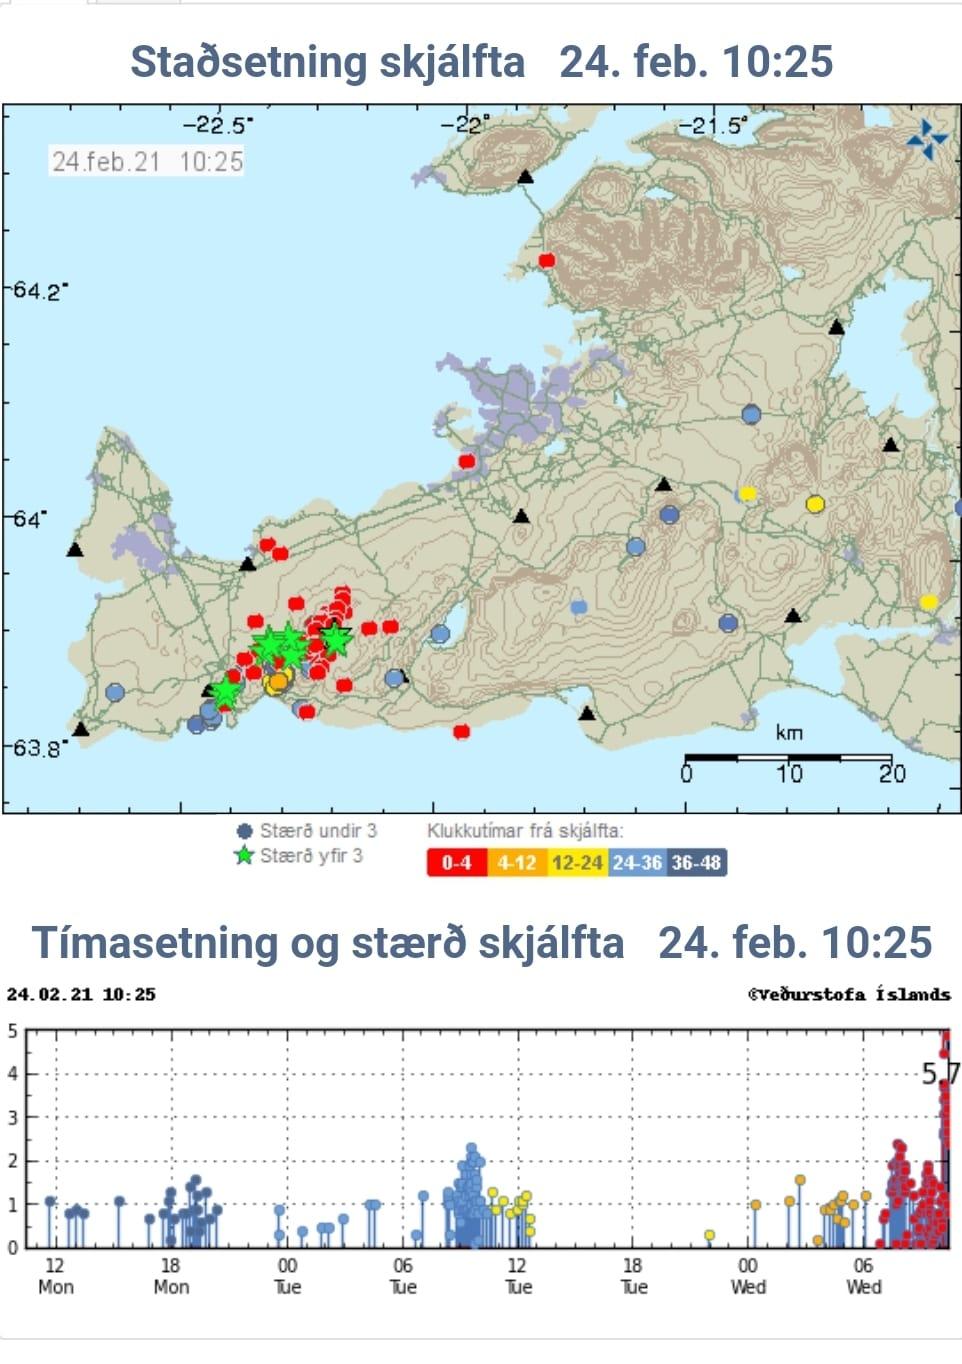 Землетрясения на полуострове Рейкьянес в 2021 году // Источник: vedur.is